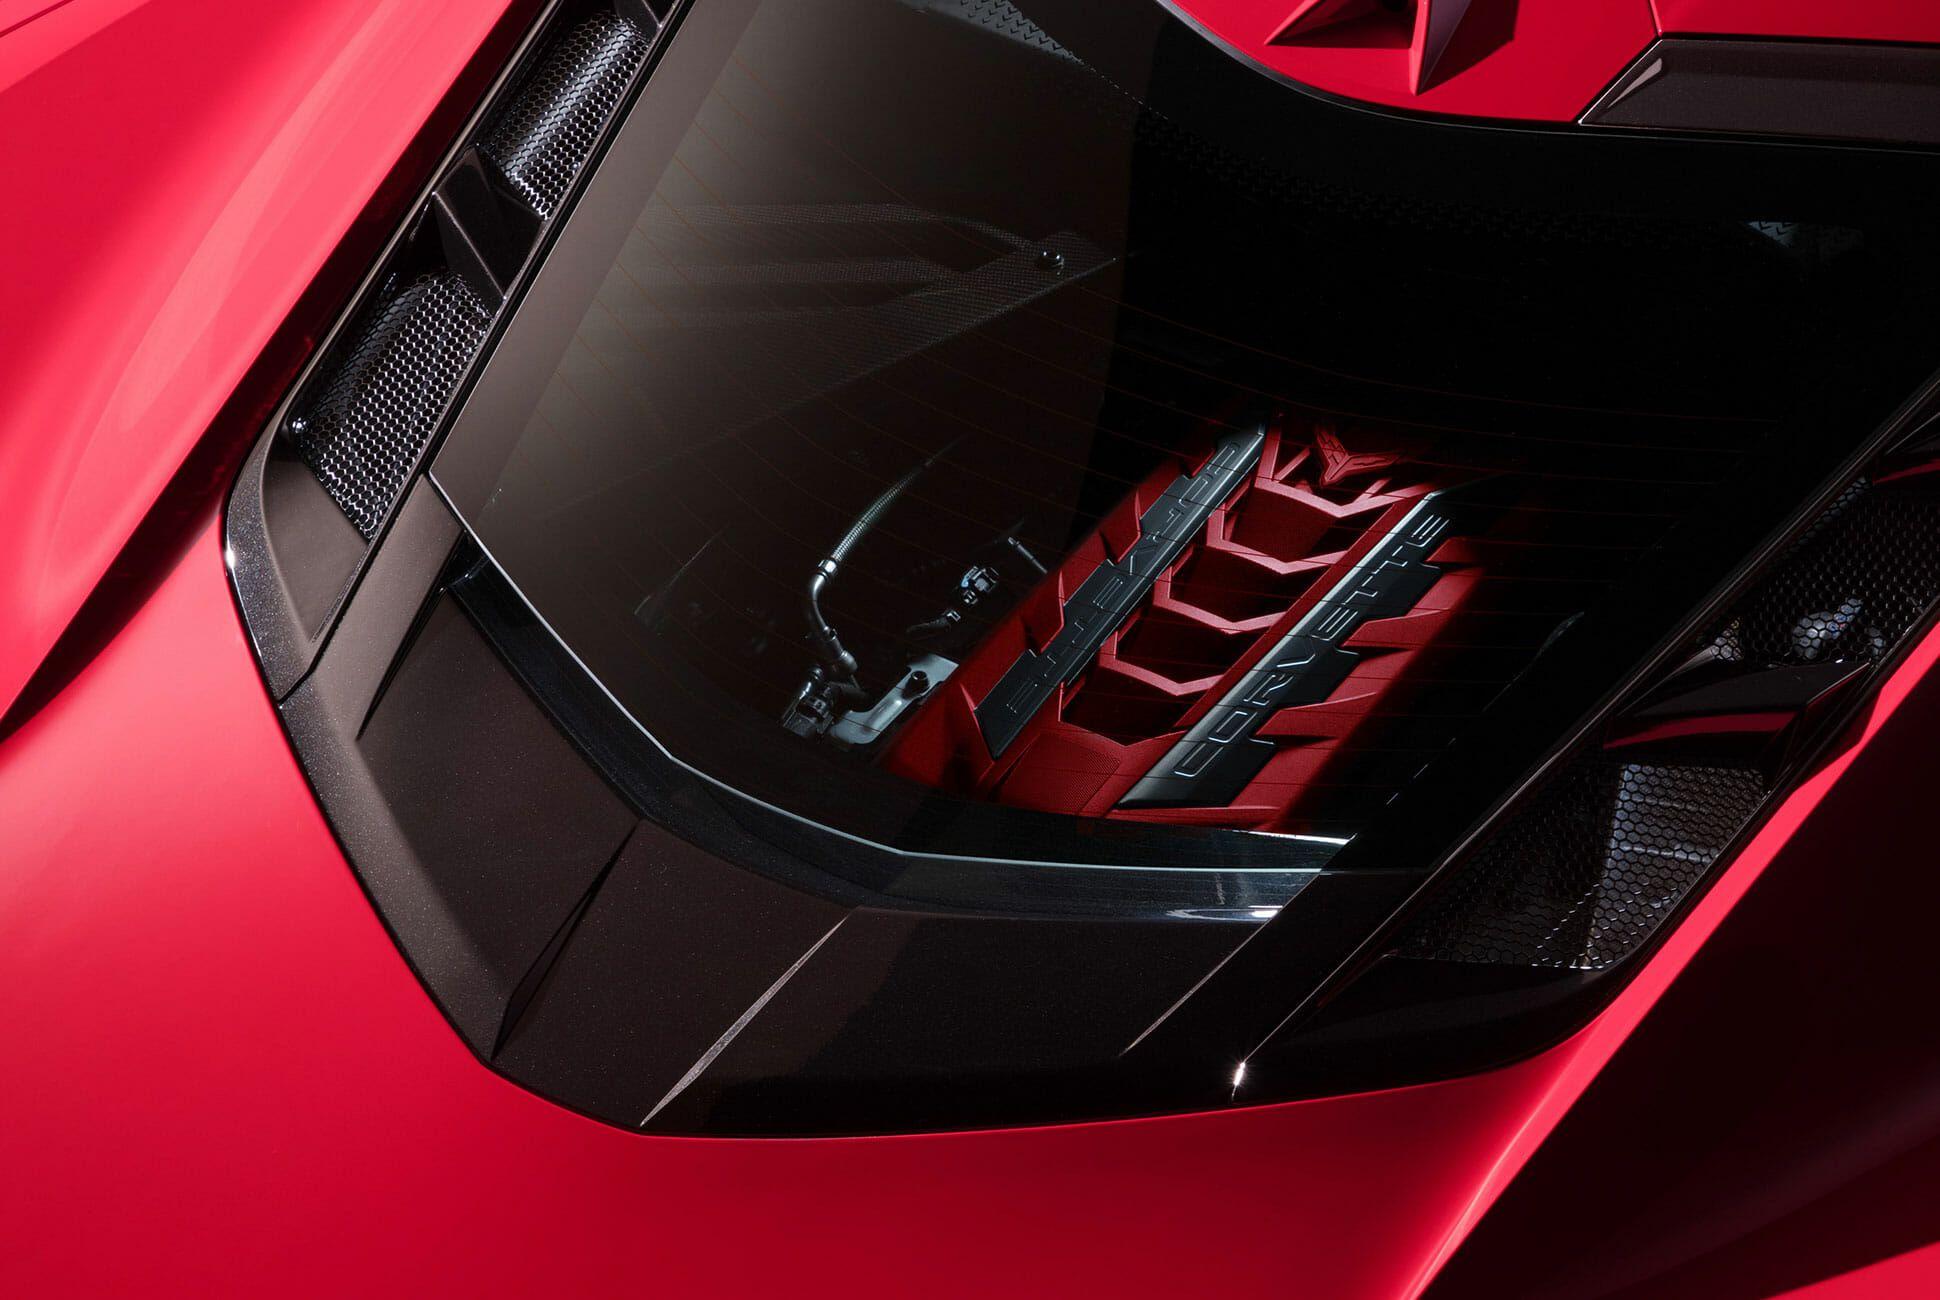 2020-Chevrolet-Corvette-Stingray-gear-patrol-slide-9